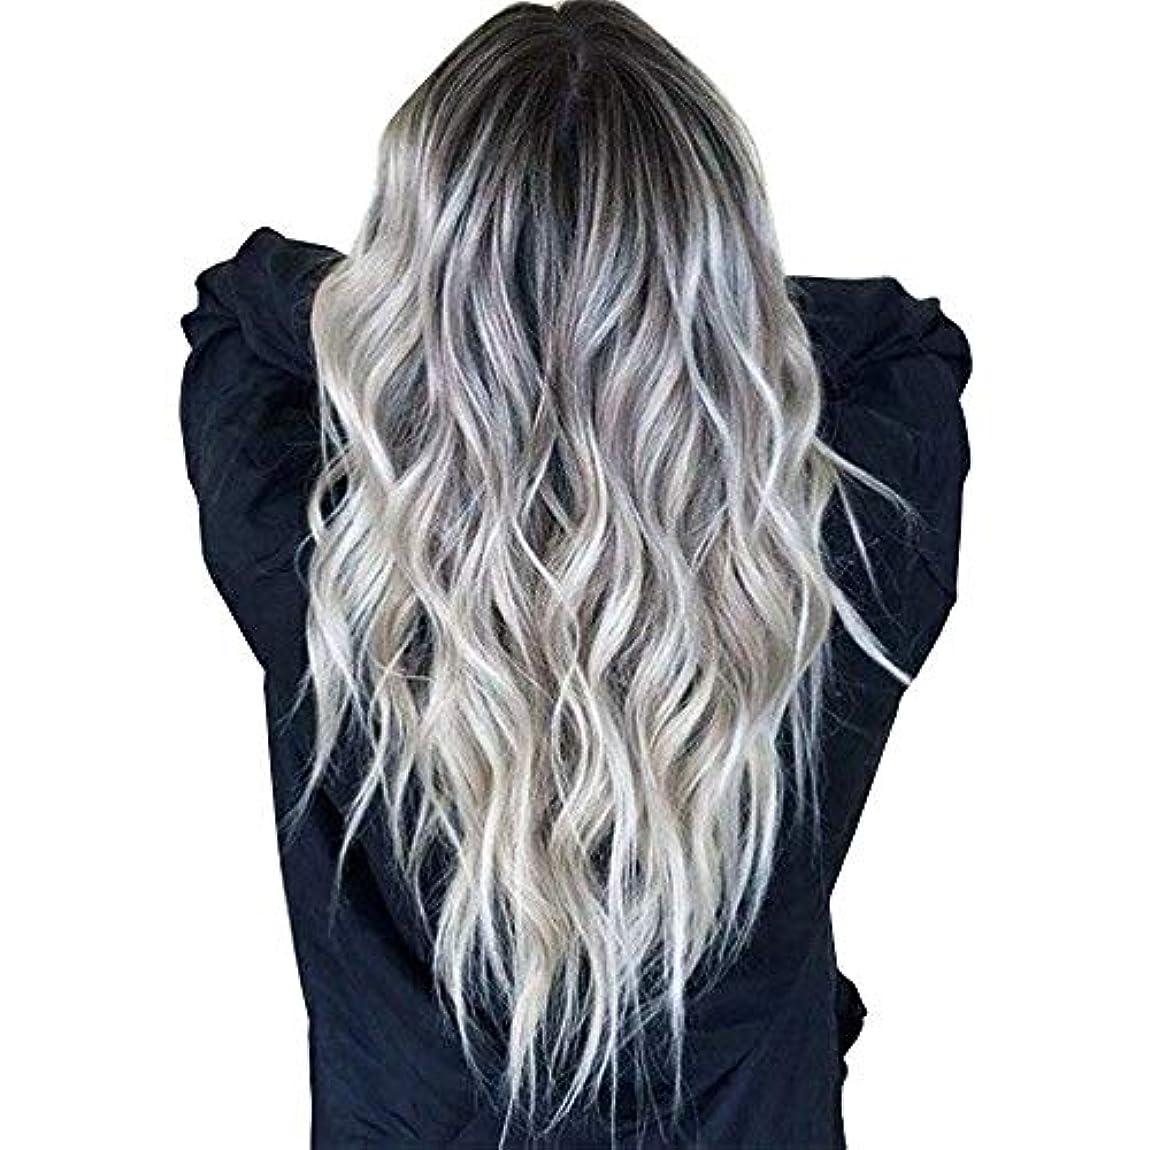 撤退透過性カリングウィッグキャップかつらで長いファンシードレスカールウィッグ高品質の人工毛髪コスプレ高密度ウィッグ女性と女の子のためのかつら27.5インチv